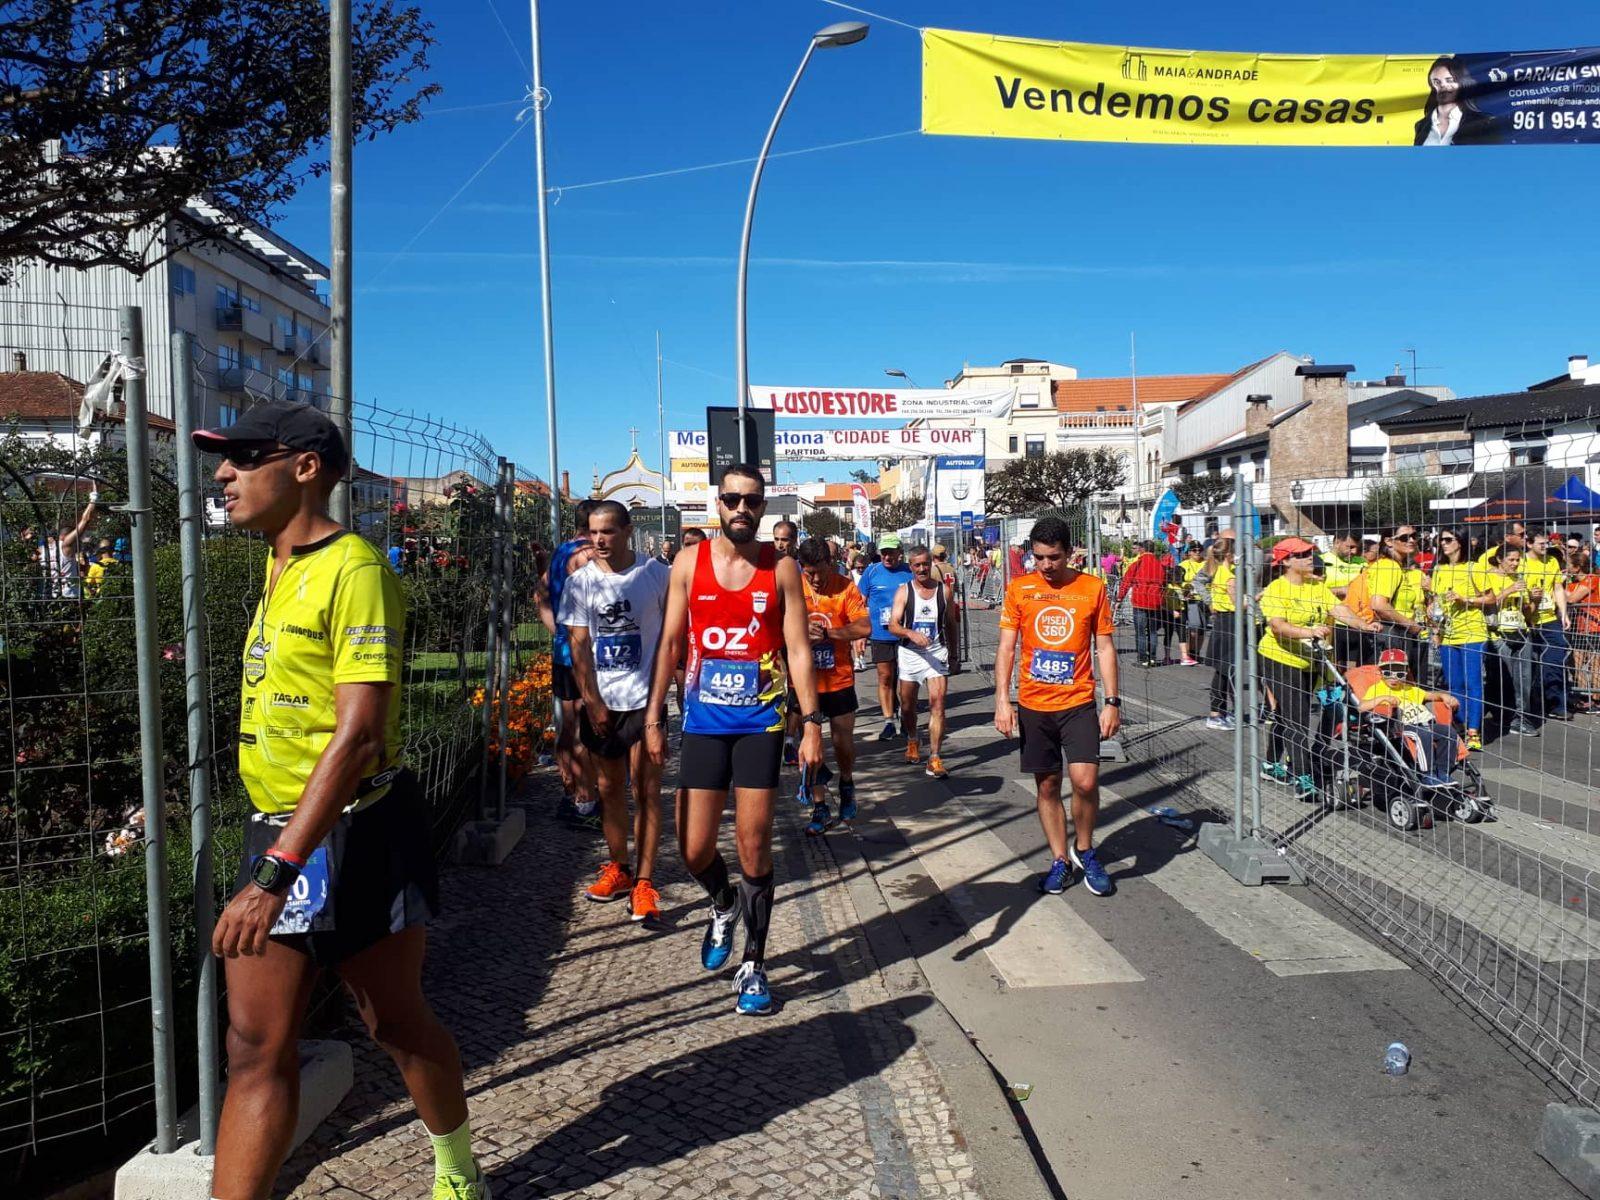 Meia-Maratona-Ovar-2018-14